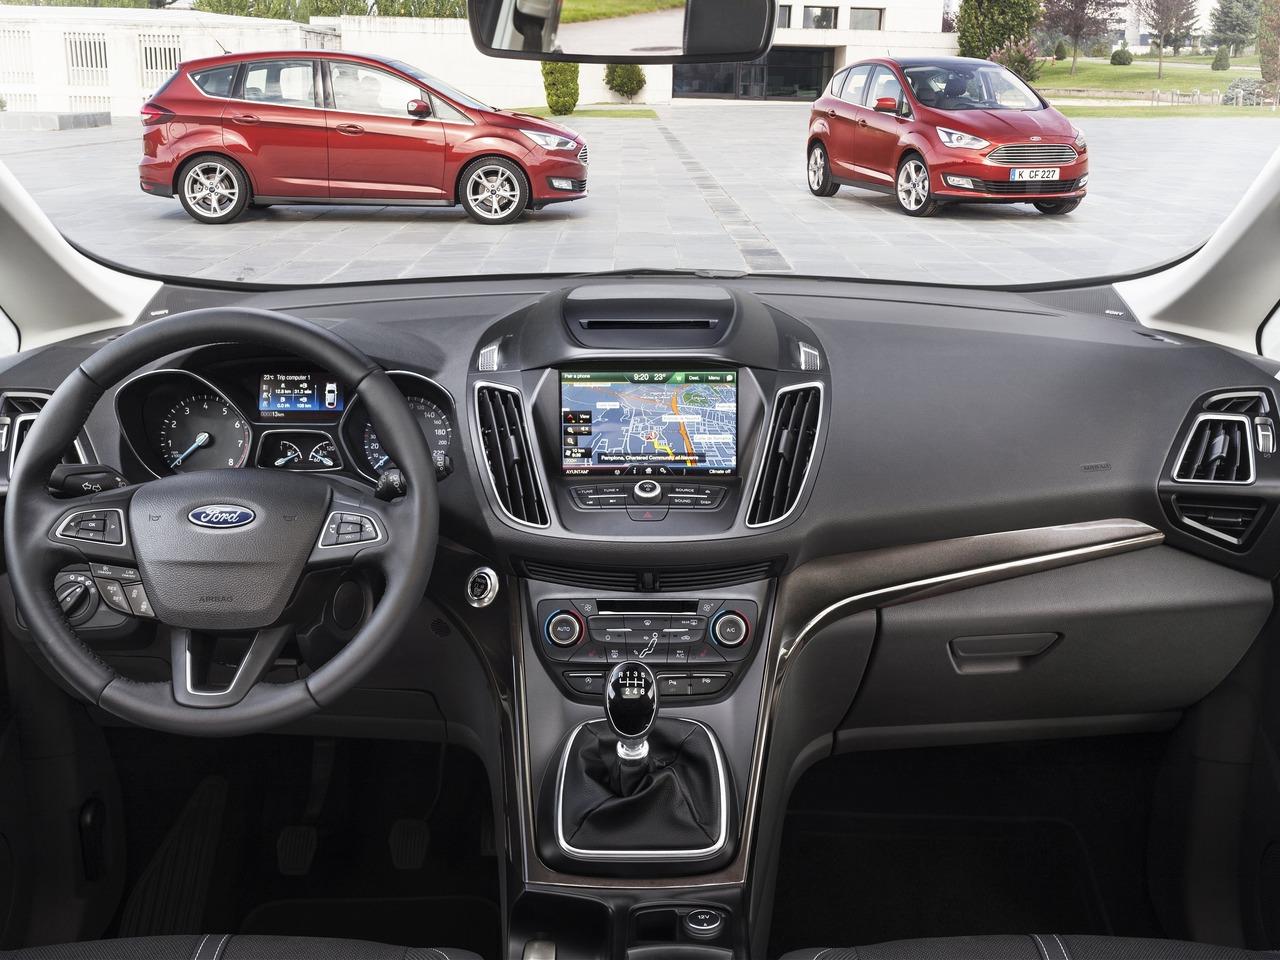 Снимки: Ford C-MAX 2015